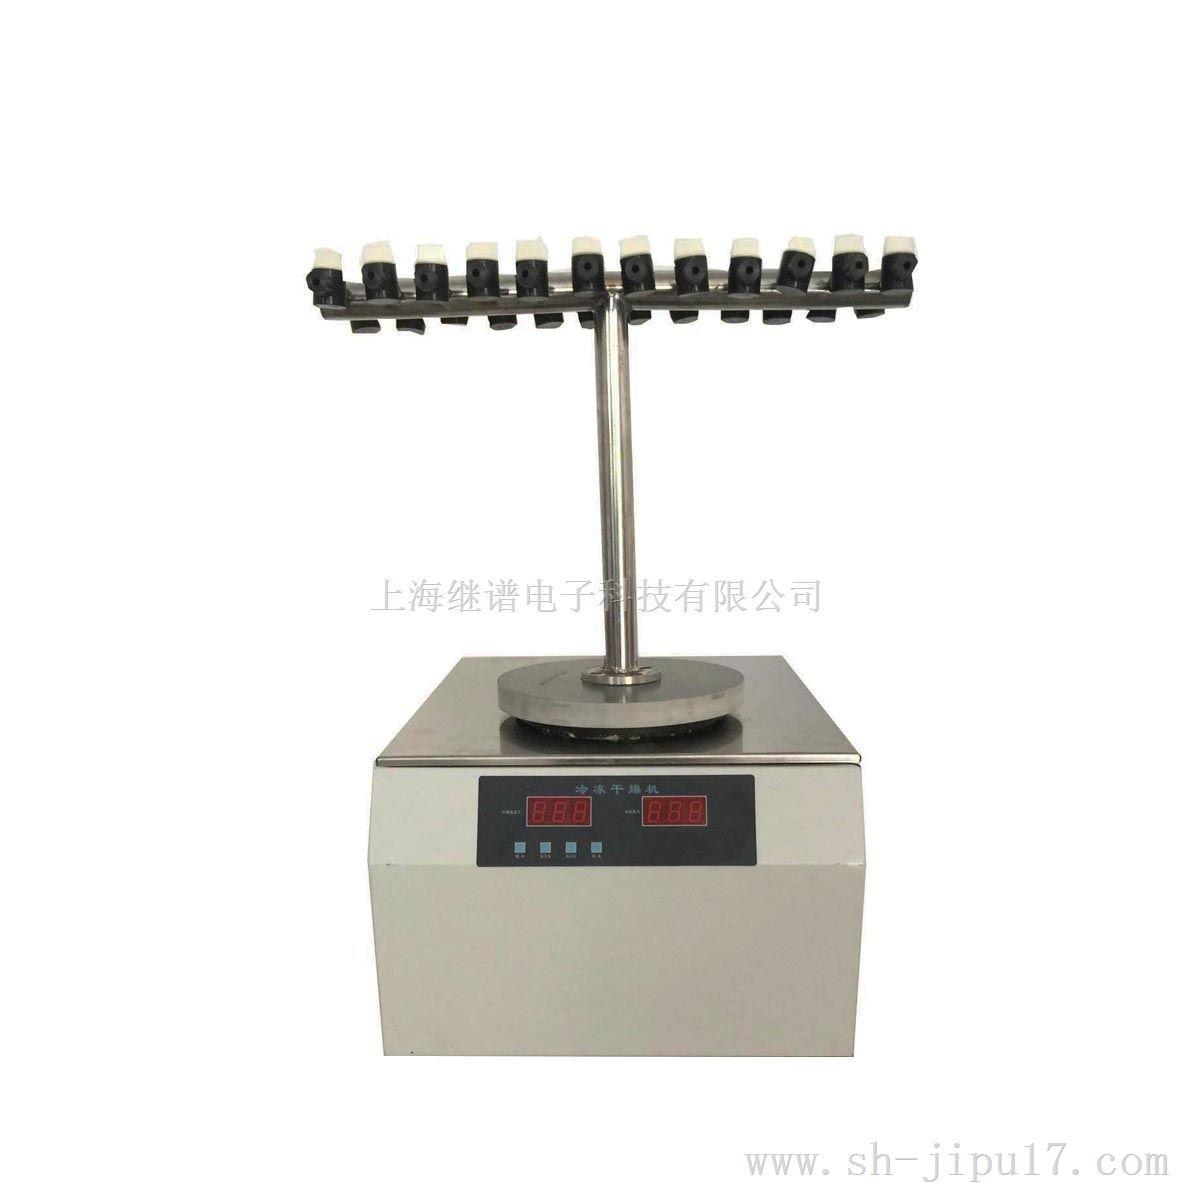 真空冷凍干燥機 FD-1E-50(多岐管型,冷凝溫度-50℃)